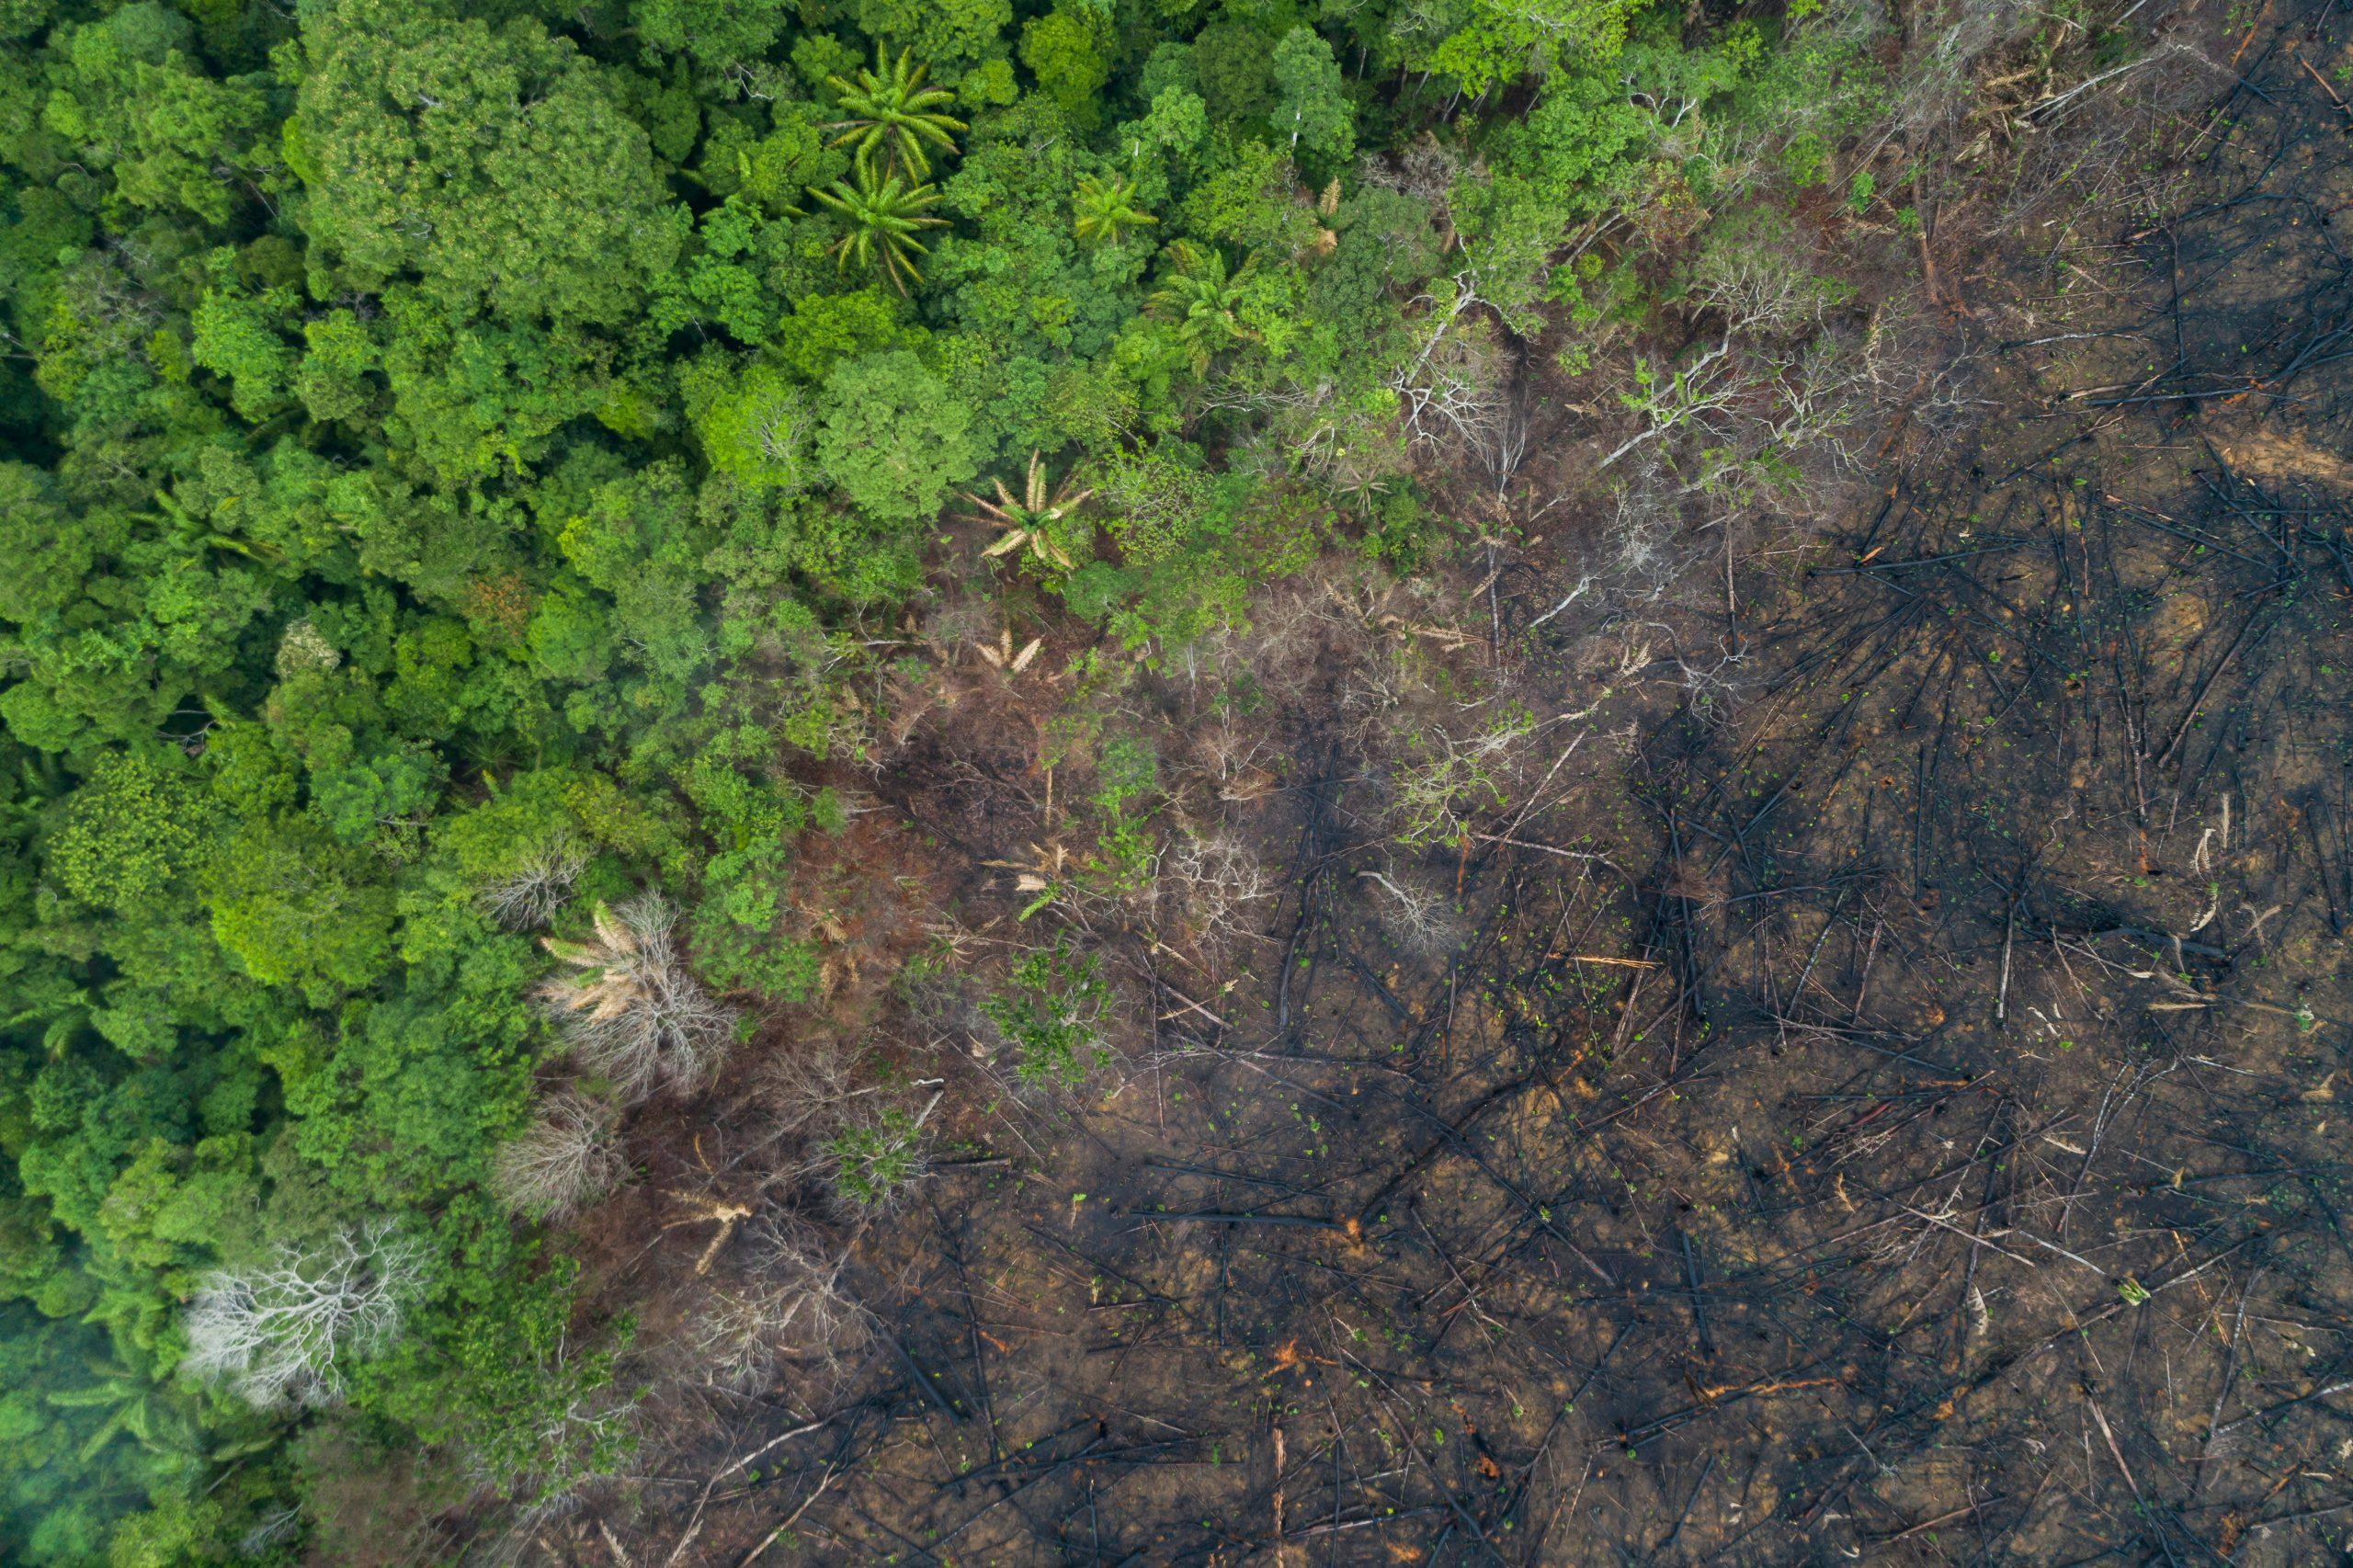 Zerstörung von Lebensraum